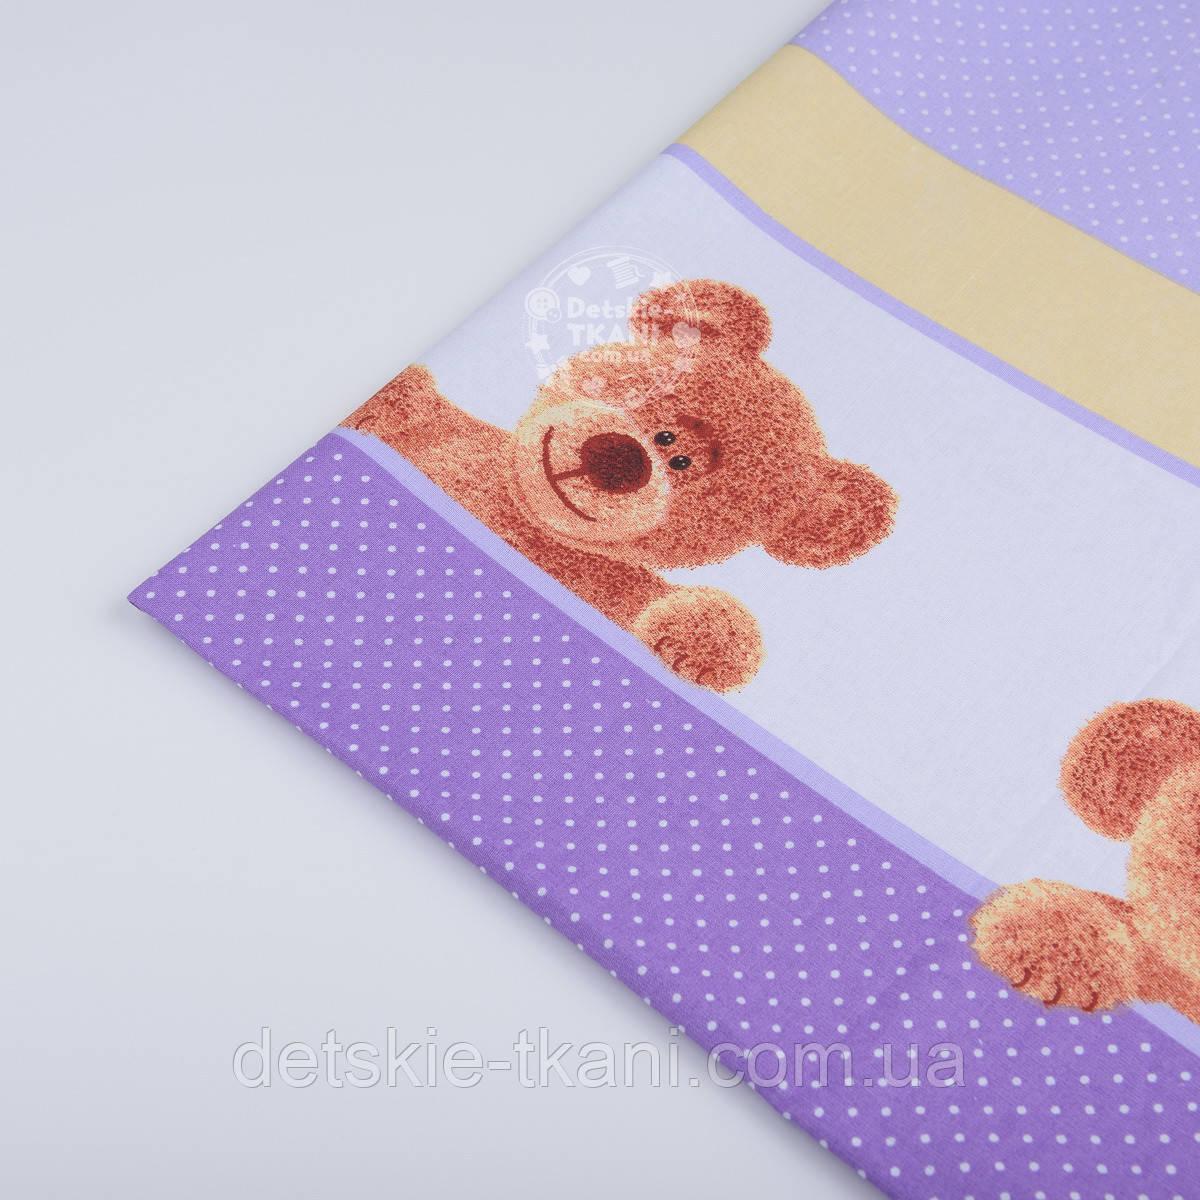 Отрез ткани ткань для постели сиреневый цвет, размер 62*160